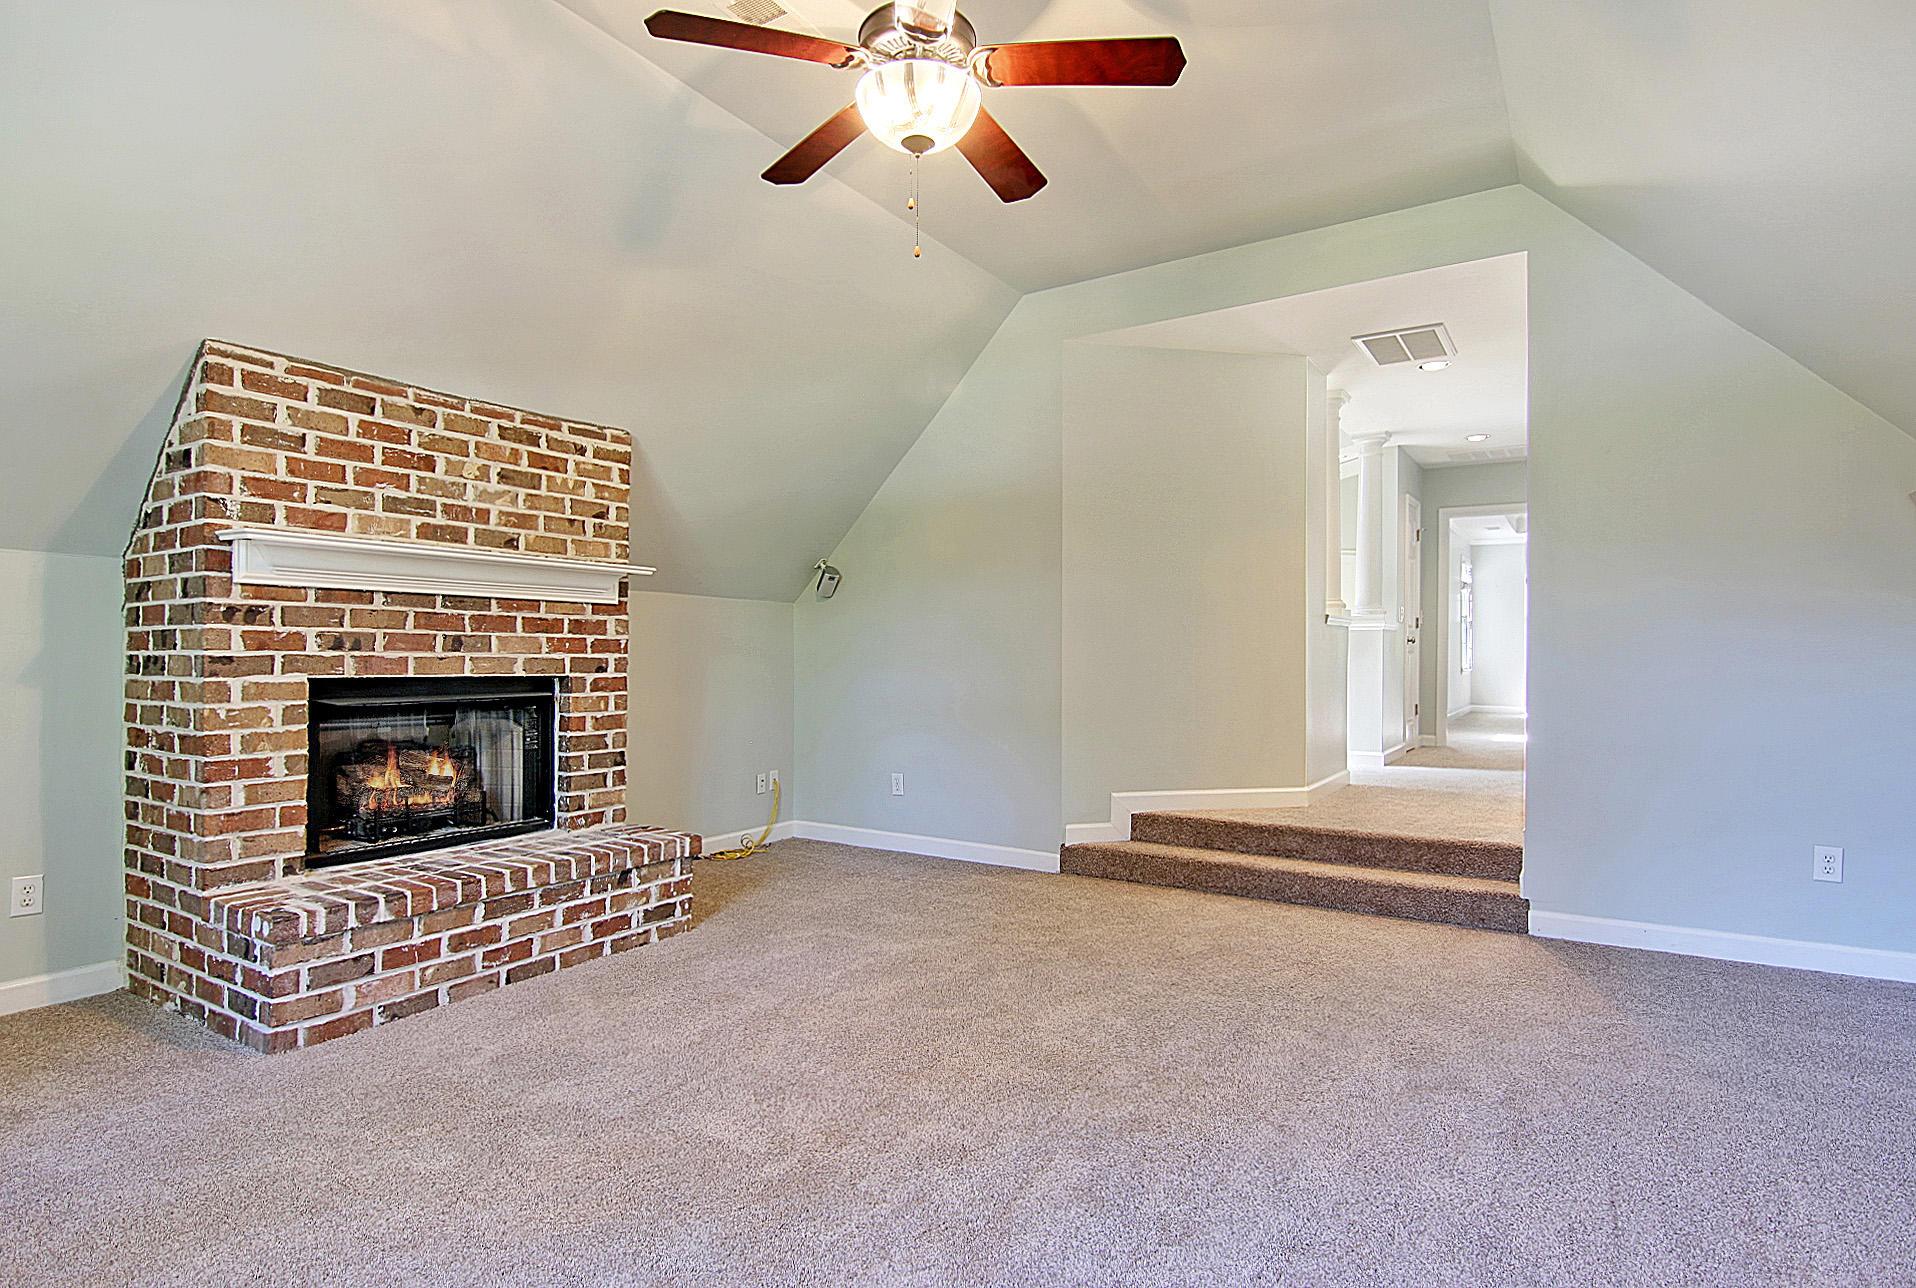 Dunes West Homes For Sale - 2236 Black Oak, Mount Pleasant, SC - 38